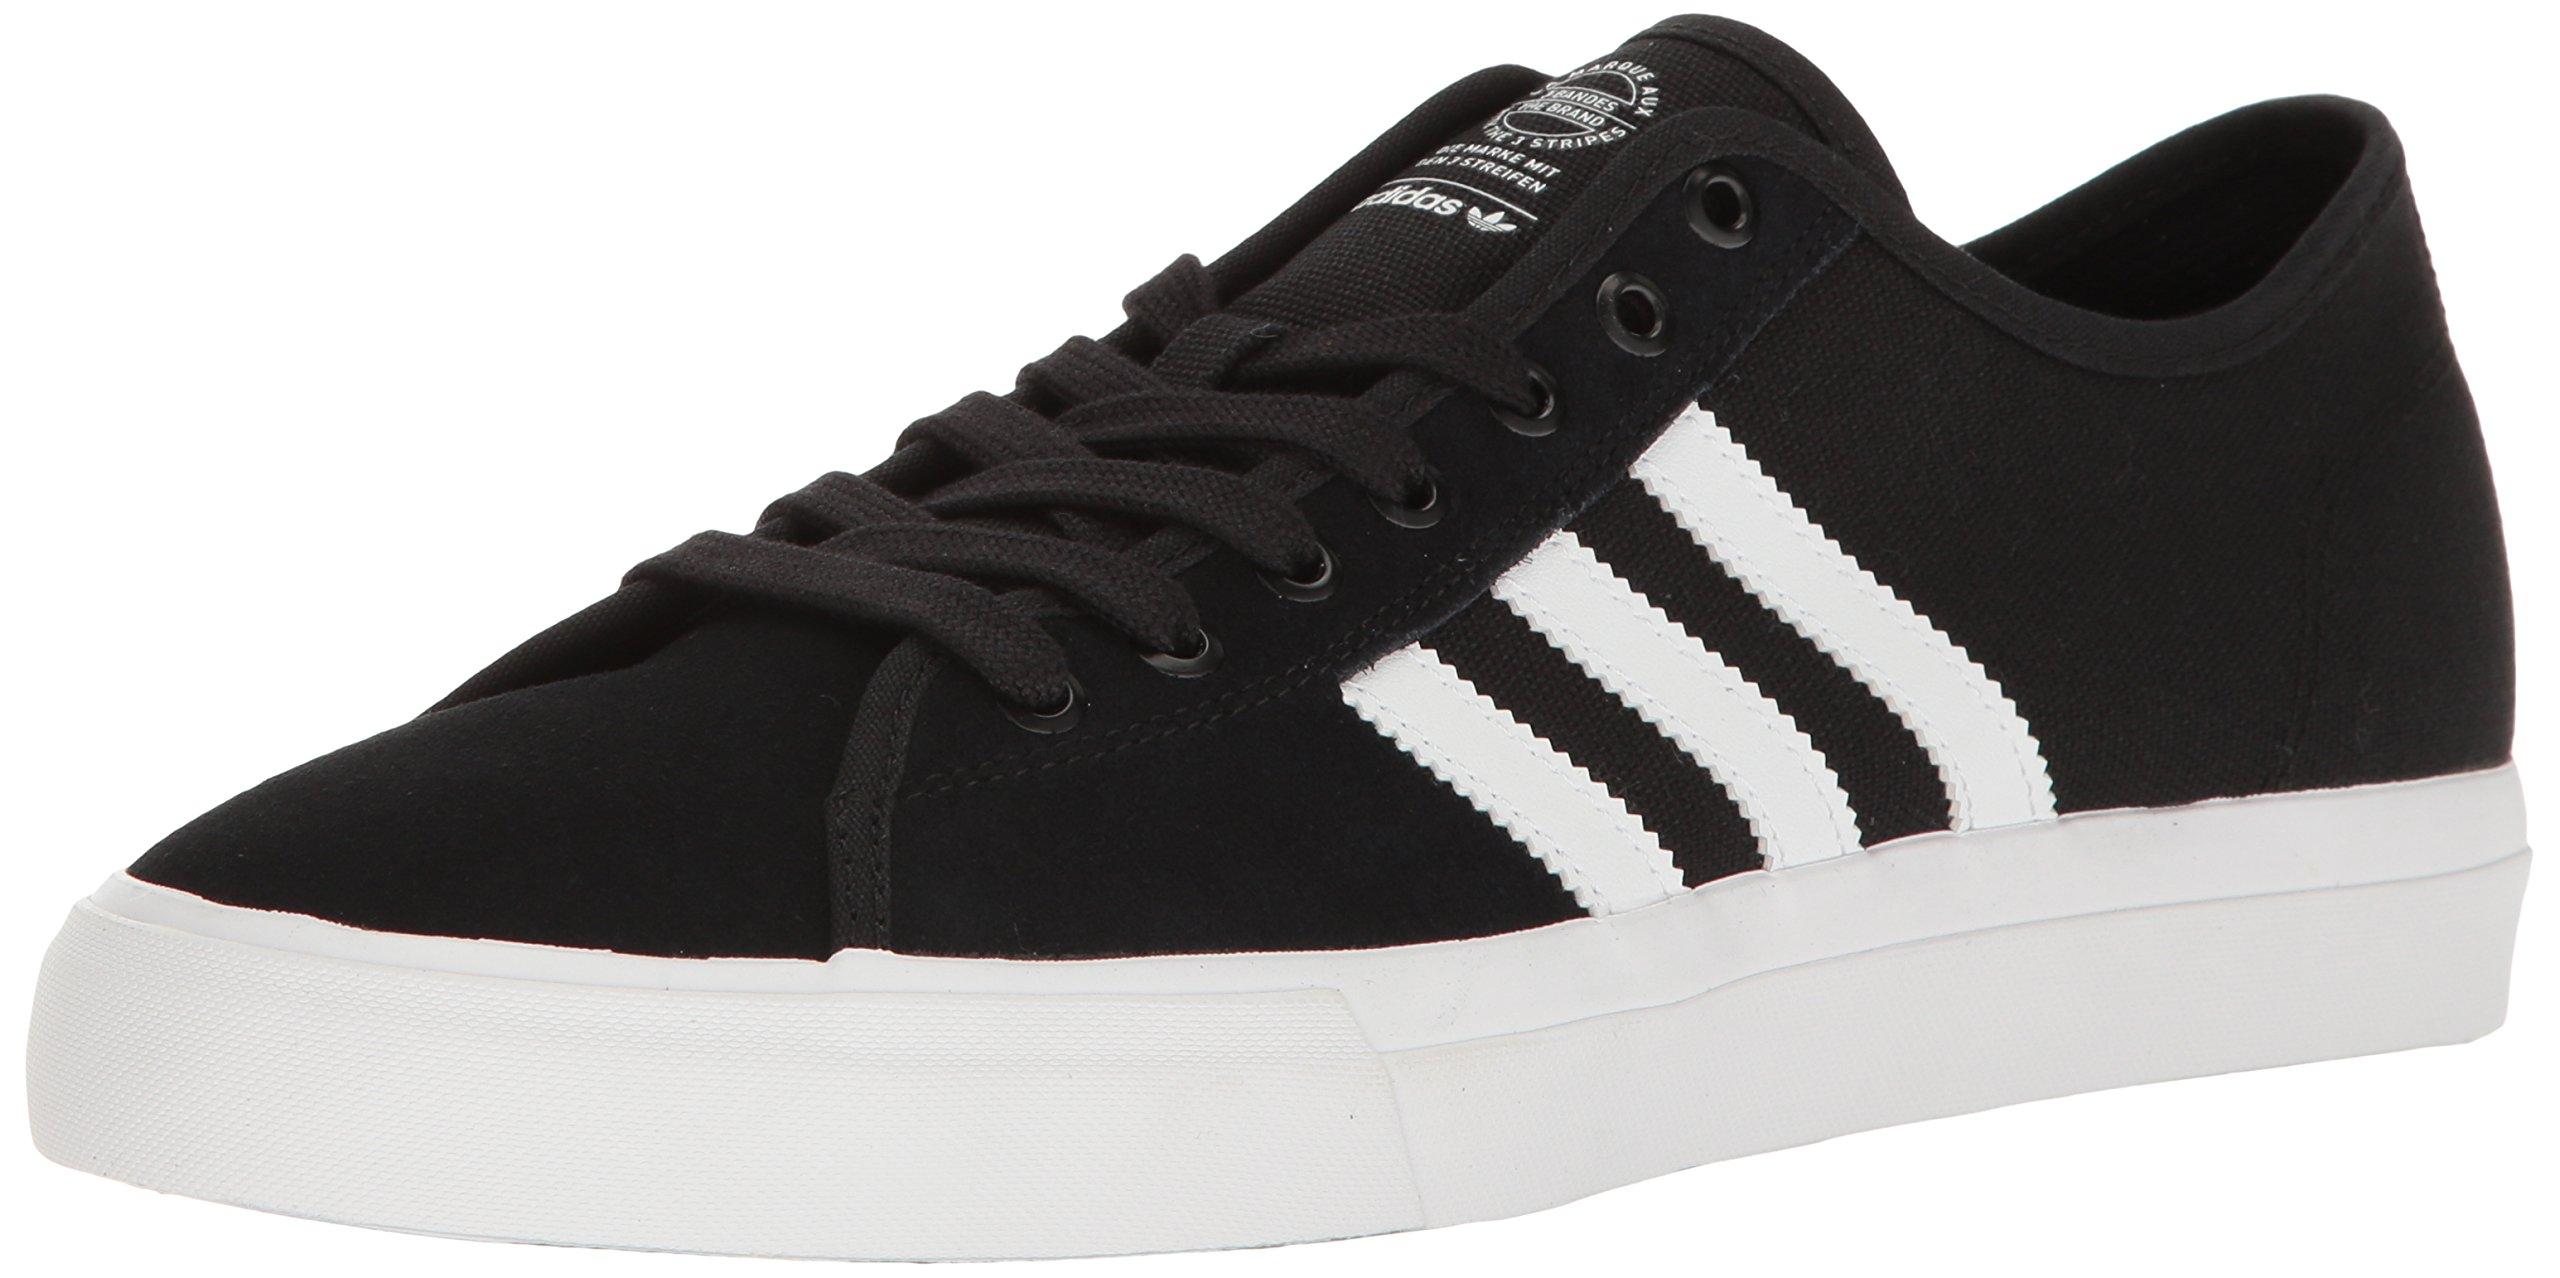 adidas Originals Men's Matchcourt RX Shoes, Core Black/White/Core Black, (10.5 M US)